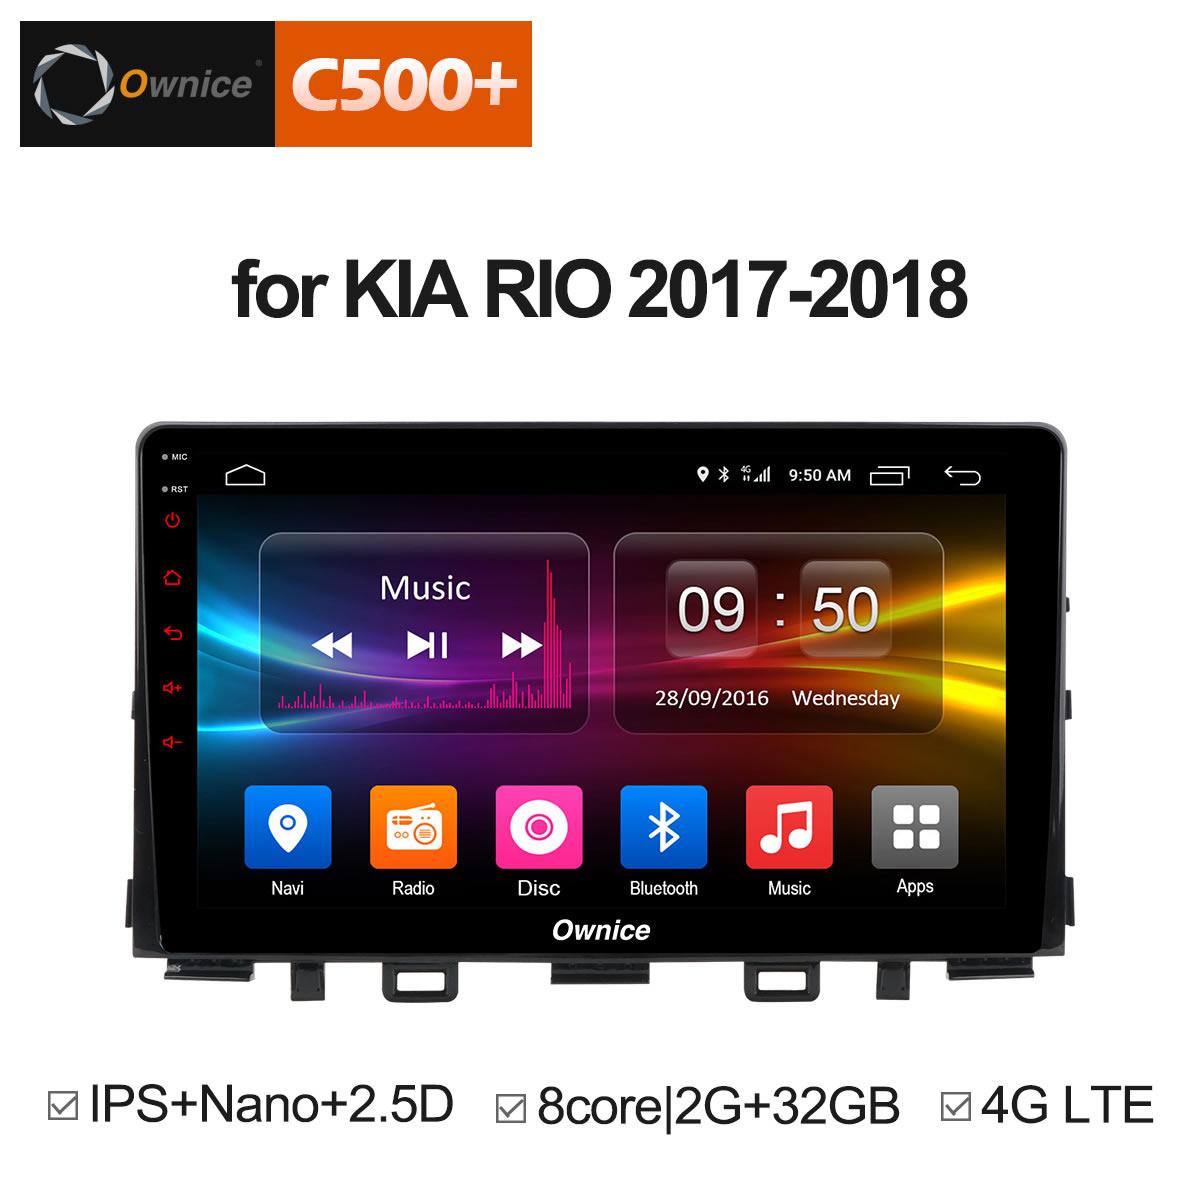 Ownice C500 + G10 Android 8.1 Octa Core pour KIA RIO 2017-2018 lecteur DVD de voiture Navigation GPS Radio 2G RAM Support DAB + jeu de voitureOwnice C500 + G10 Android 8.1 Octa Core pour KIA RIO 2017-2018 lecteur DVD de voiture Navigation GPS Radio 2G RAM Support DAB + jeu de voiture